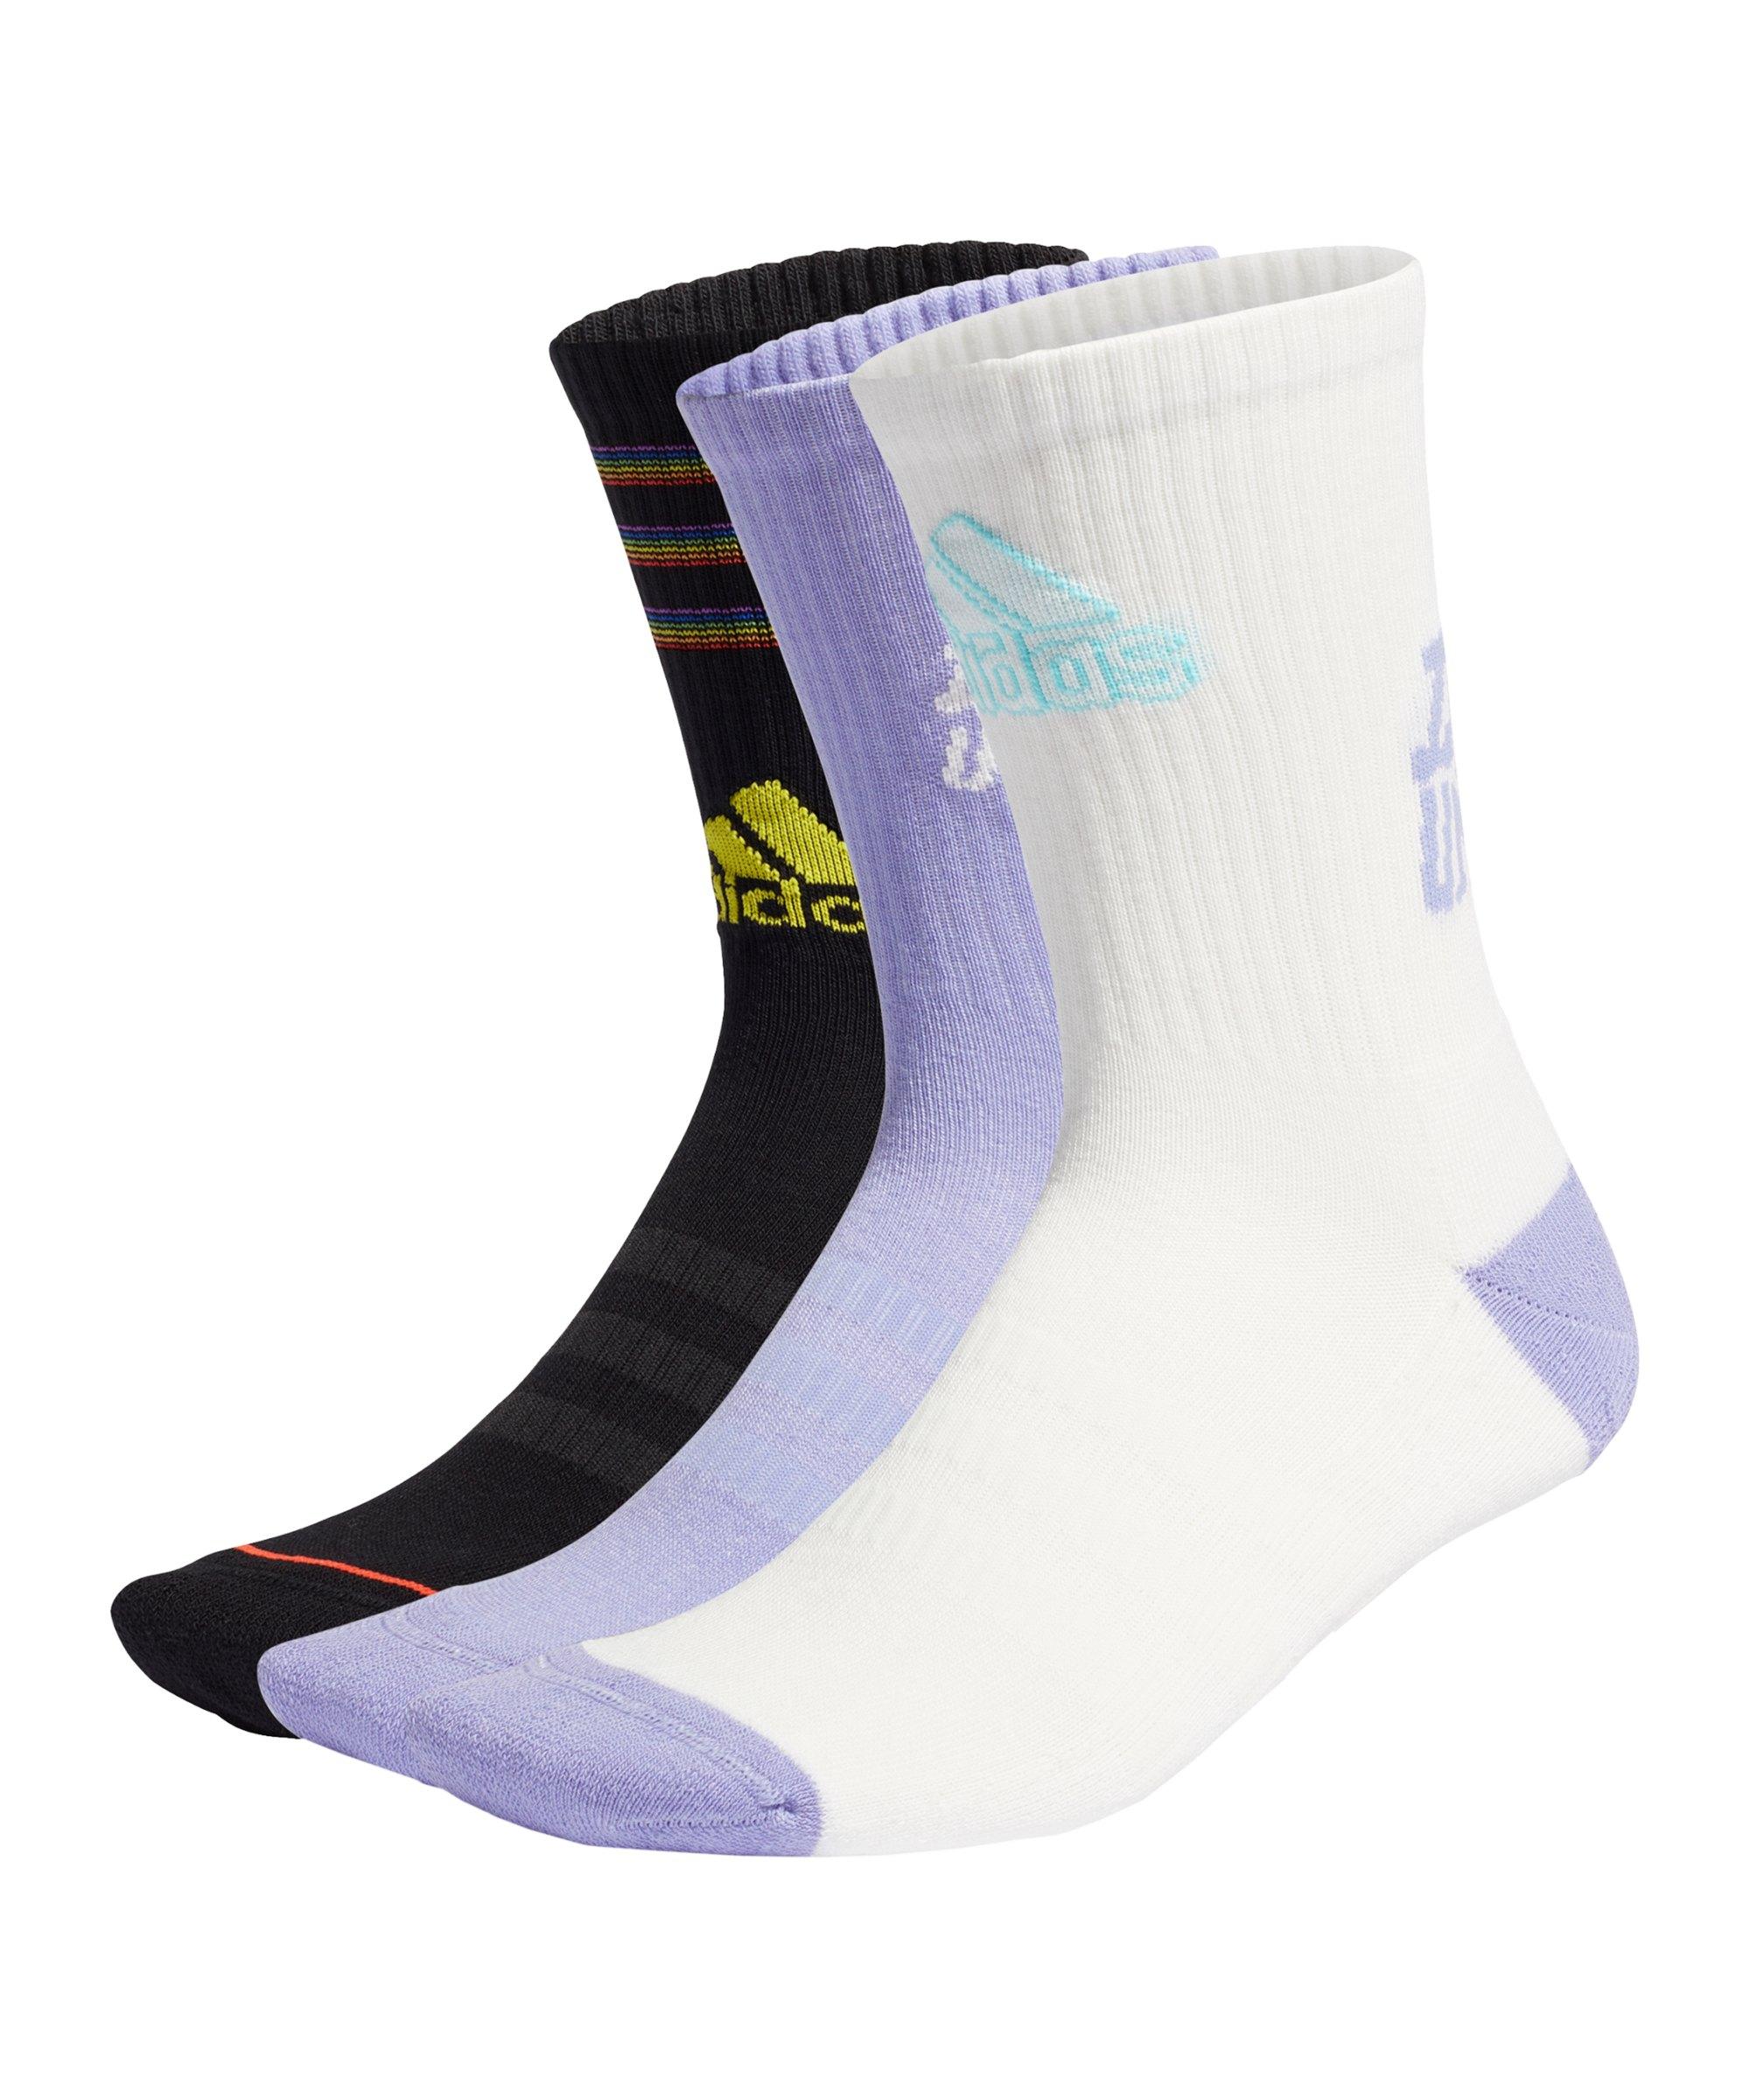 adidas Tiro Love Unites Socken 3er Pack Schwarz - schwarz